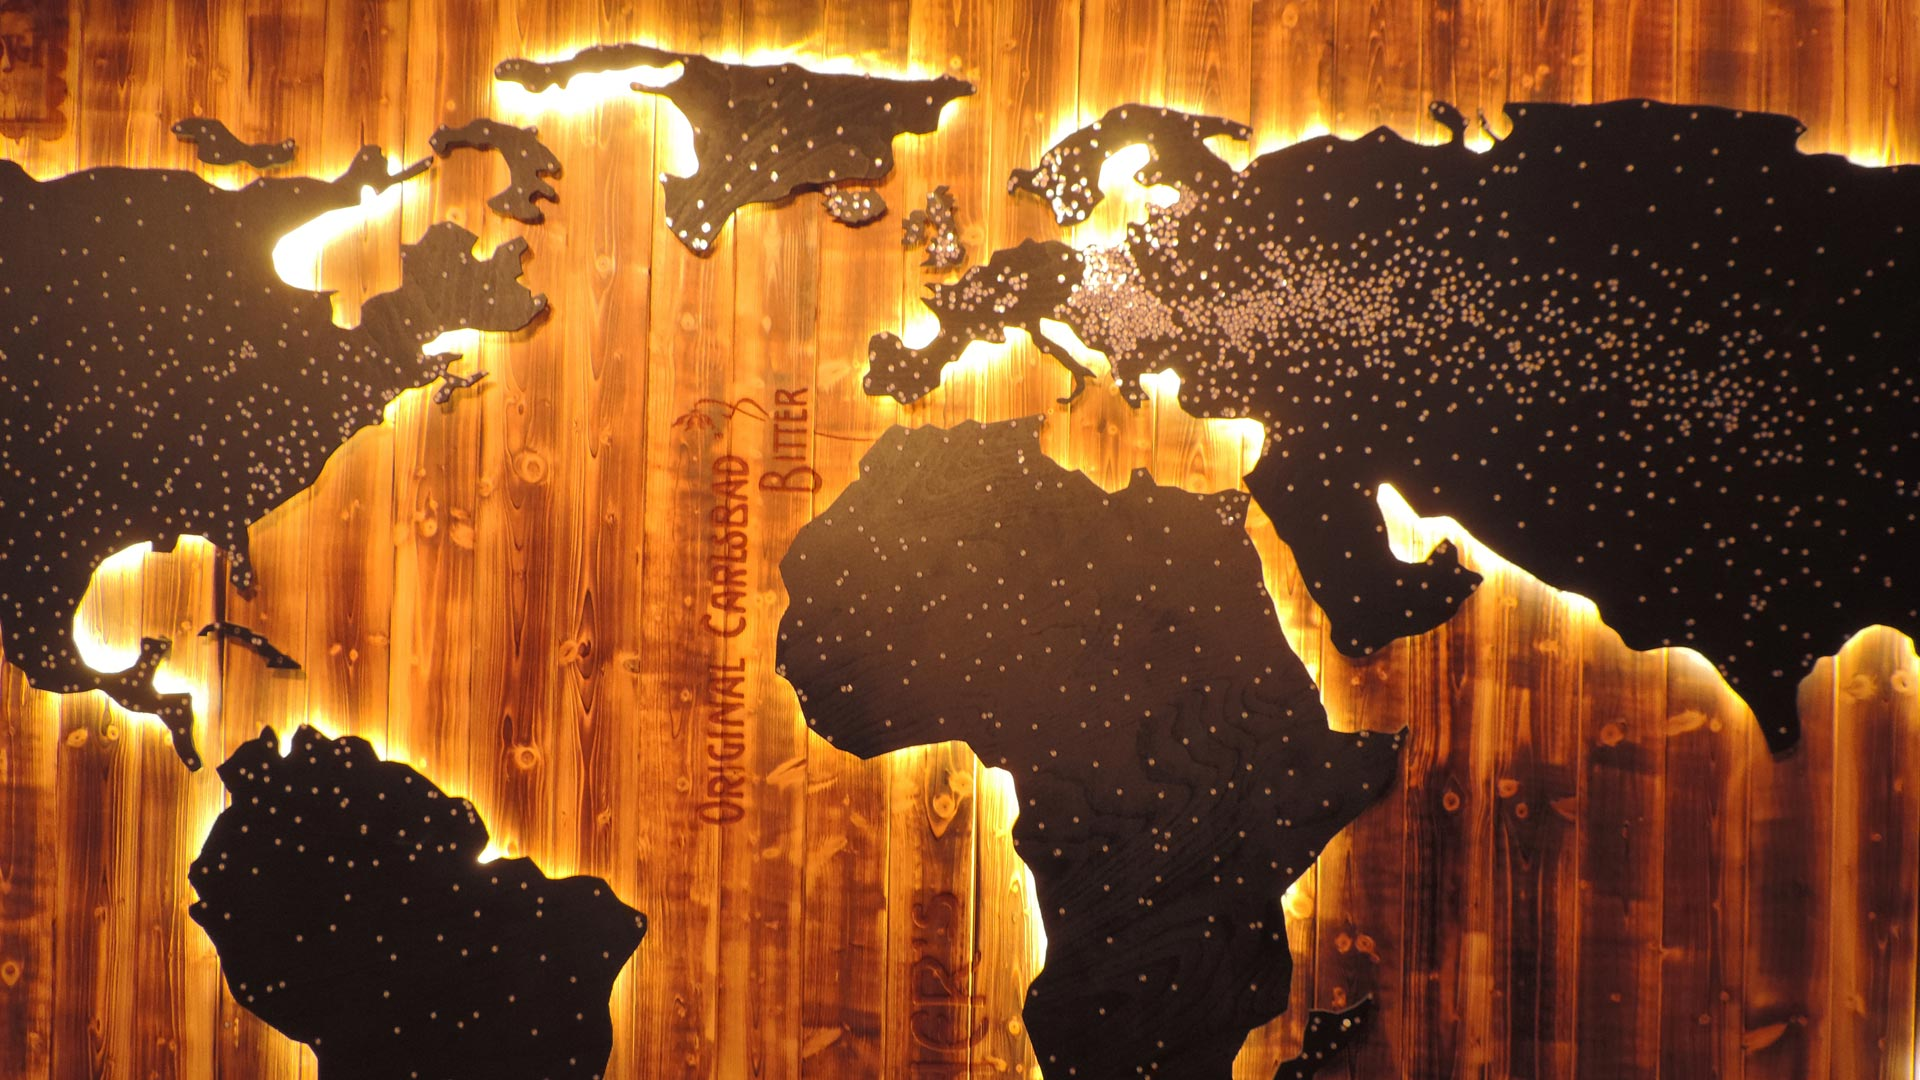 distribucion de becherovka en el mundo